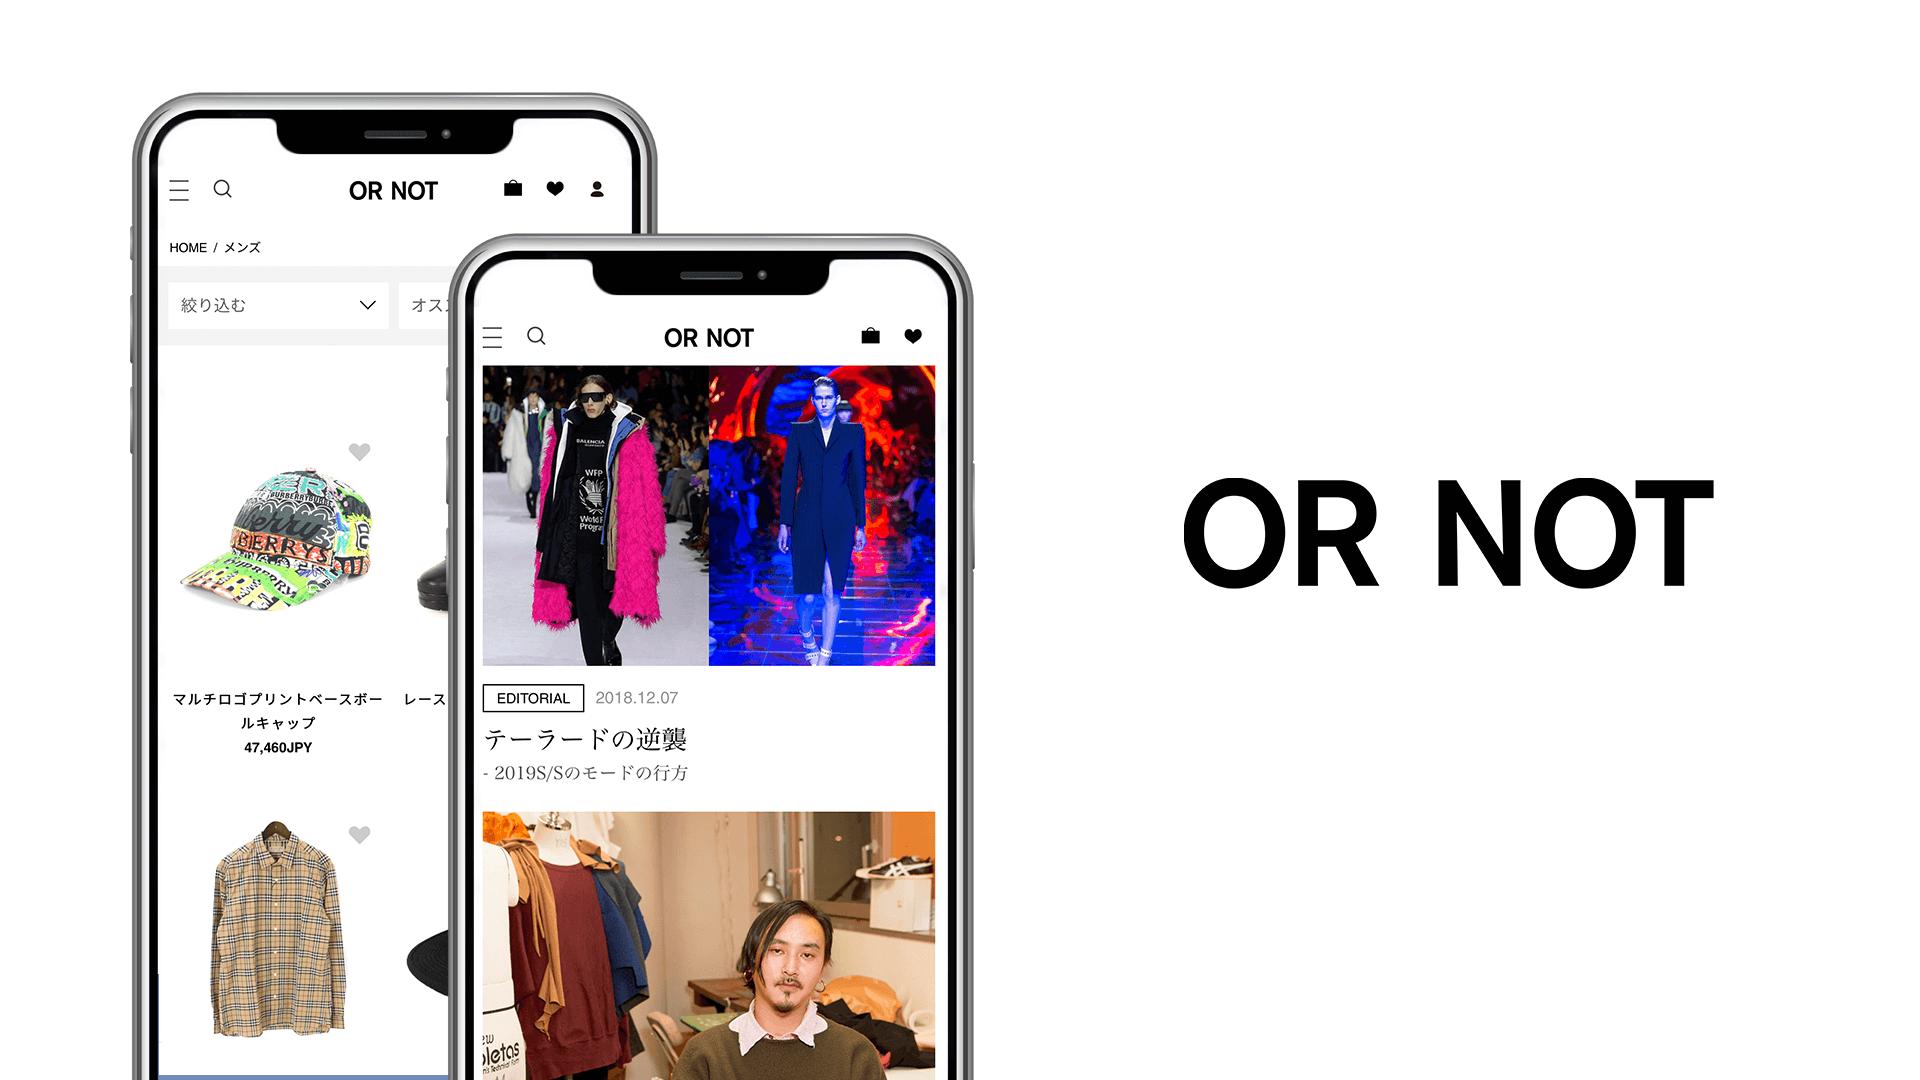 《ユーザーマーケティング担当募集》デザイナーズブランド特化型プラットフォームのカバー写真